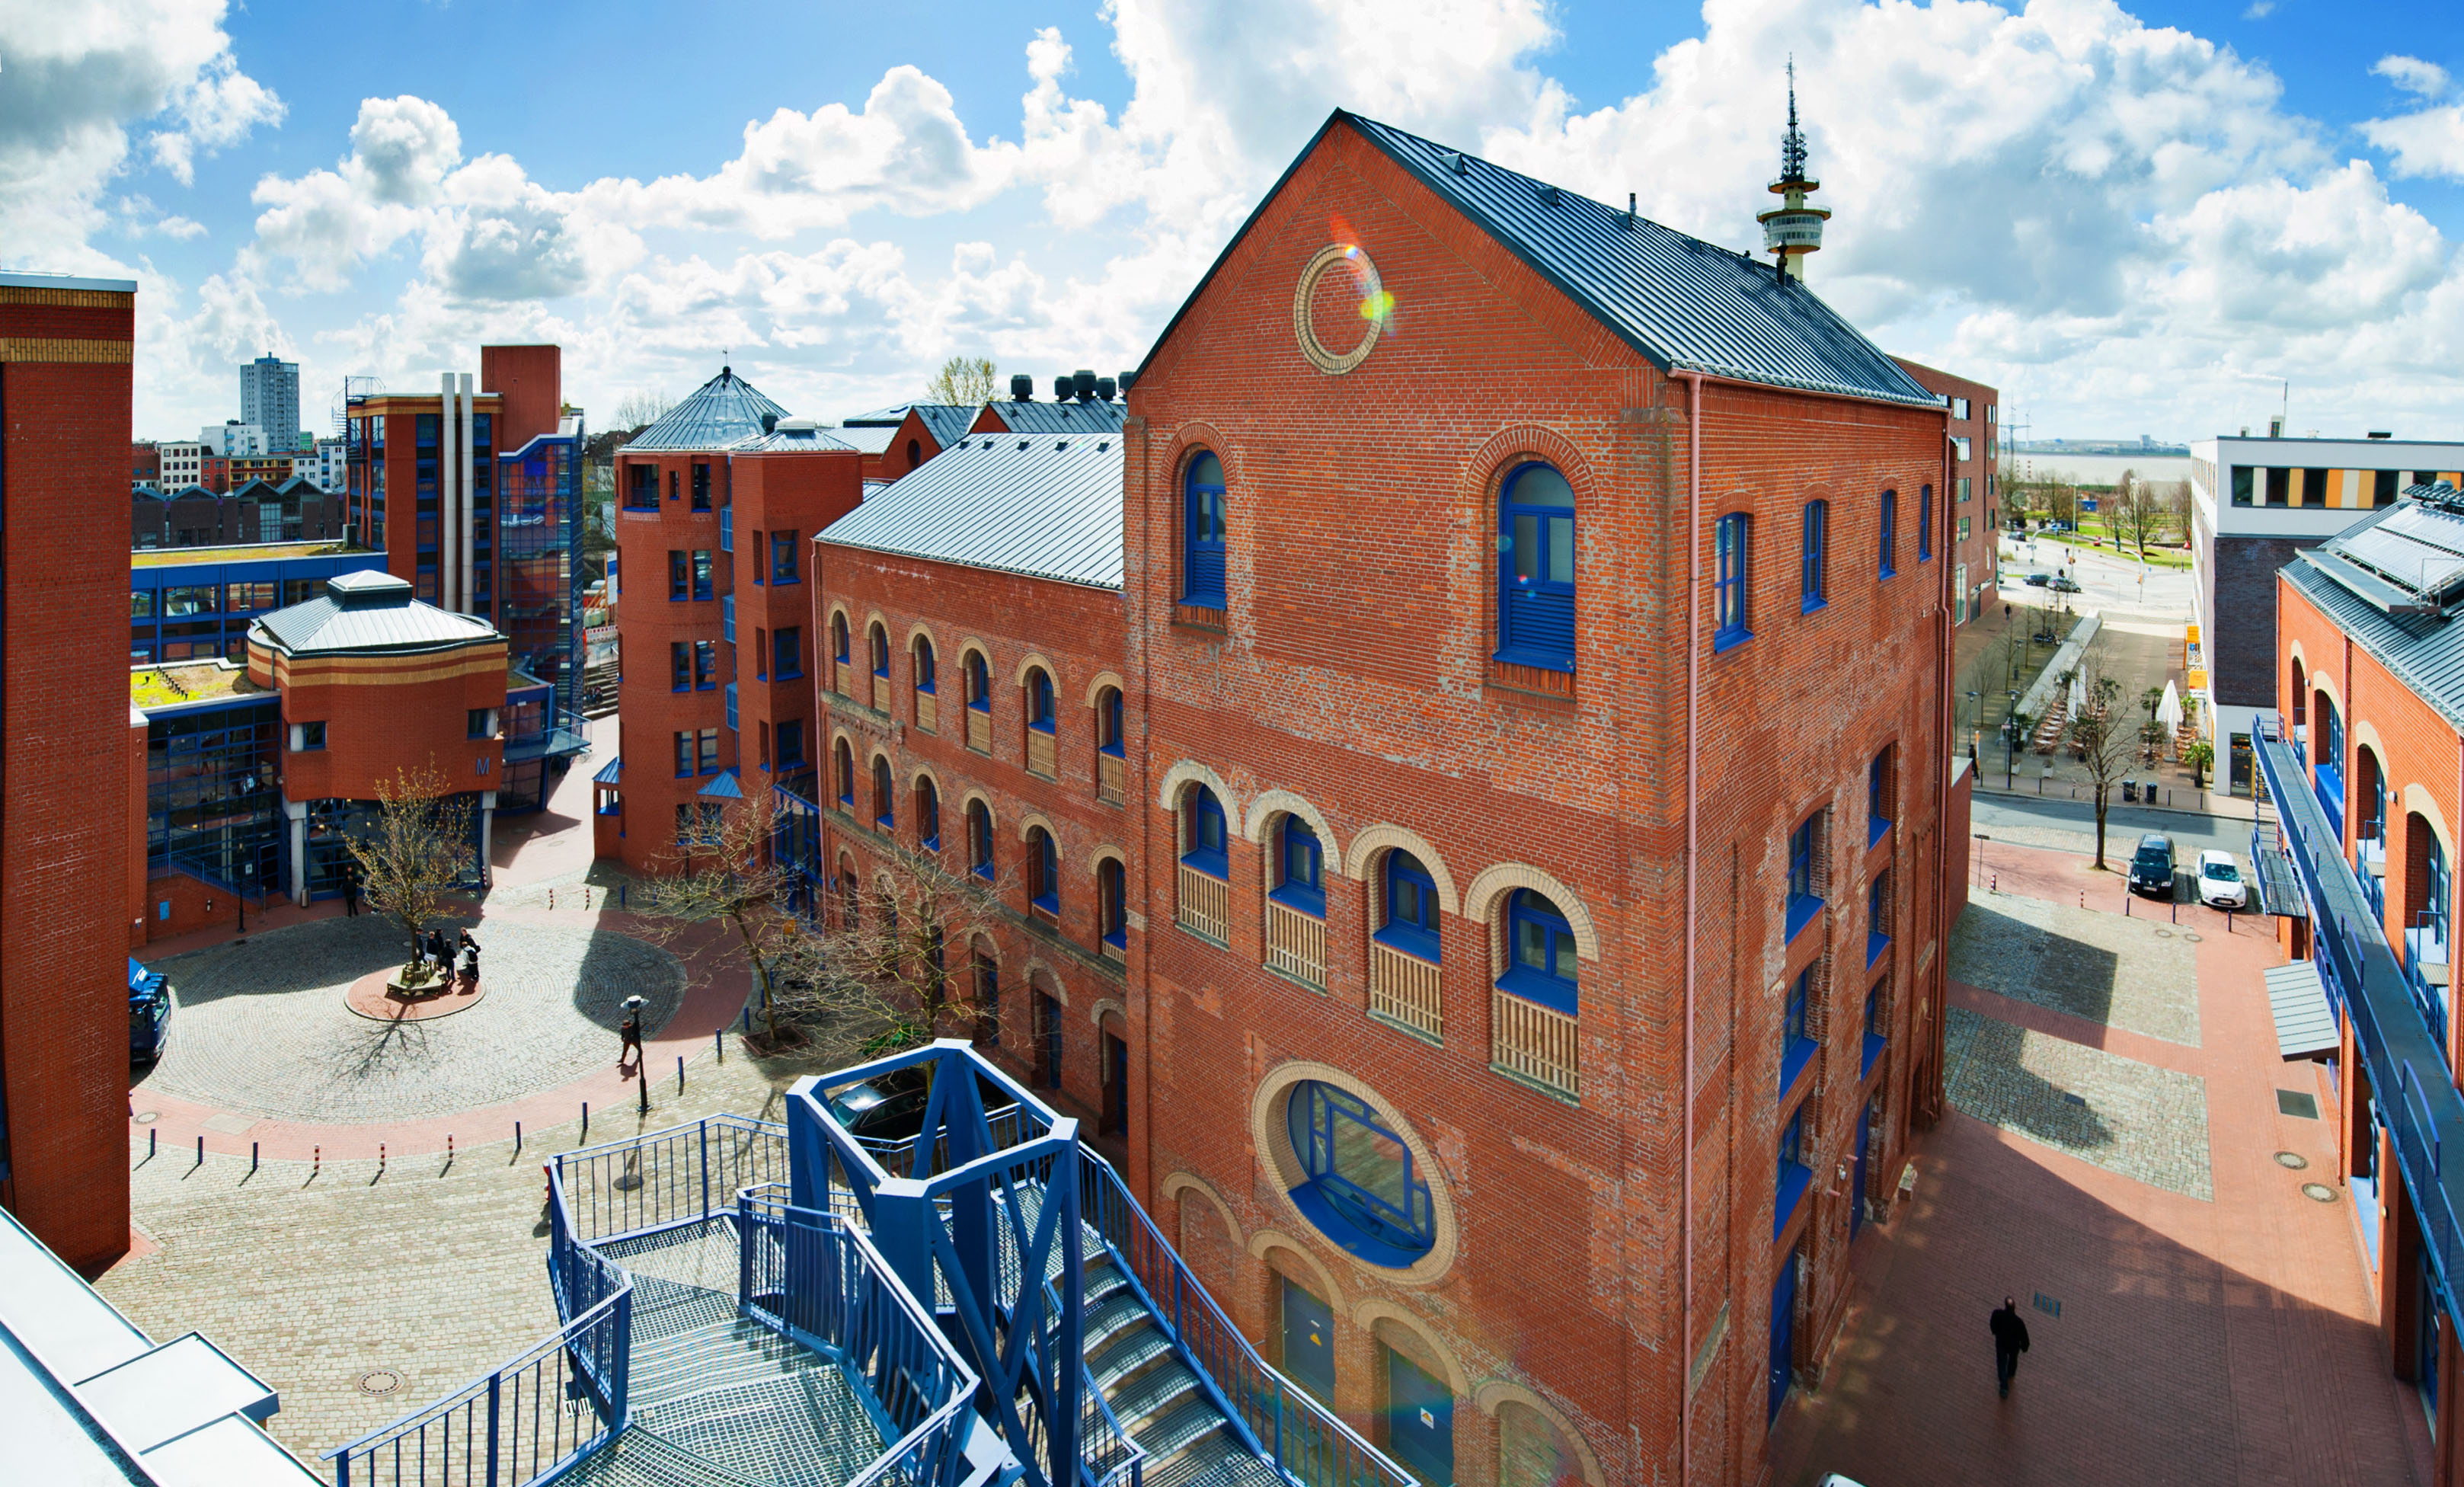 Ein rotes Backsteingebäude, im Vordergrund eine große blaue Metalltreppe; Quelle: Thilo Vogel